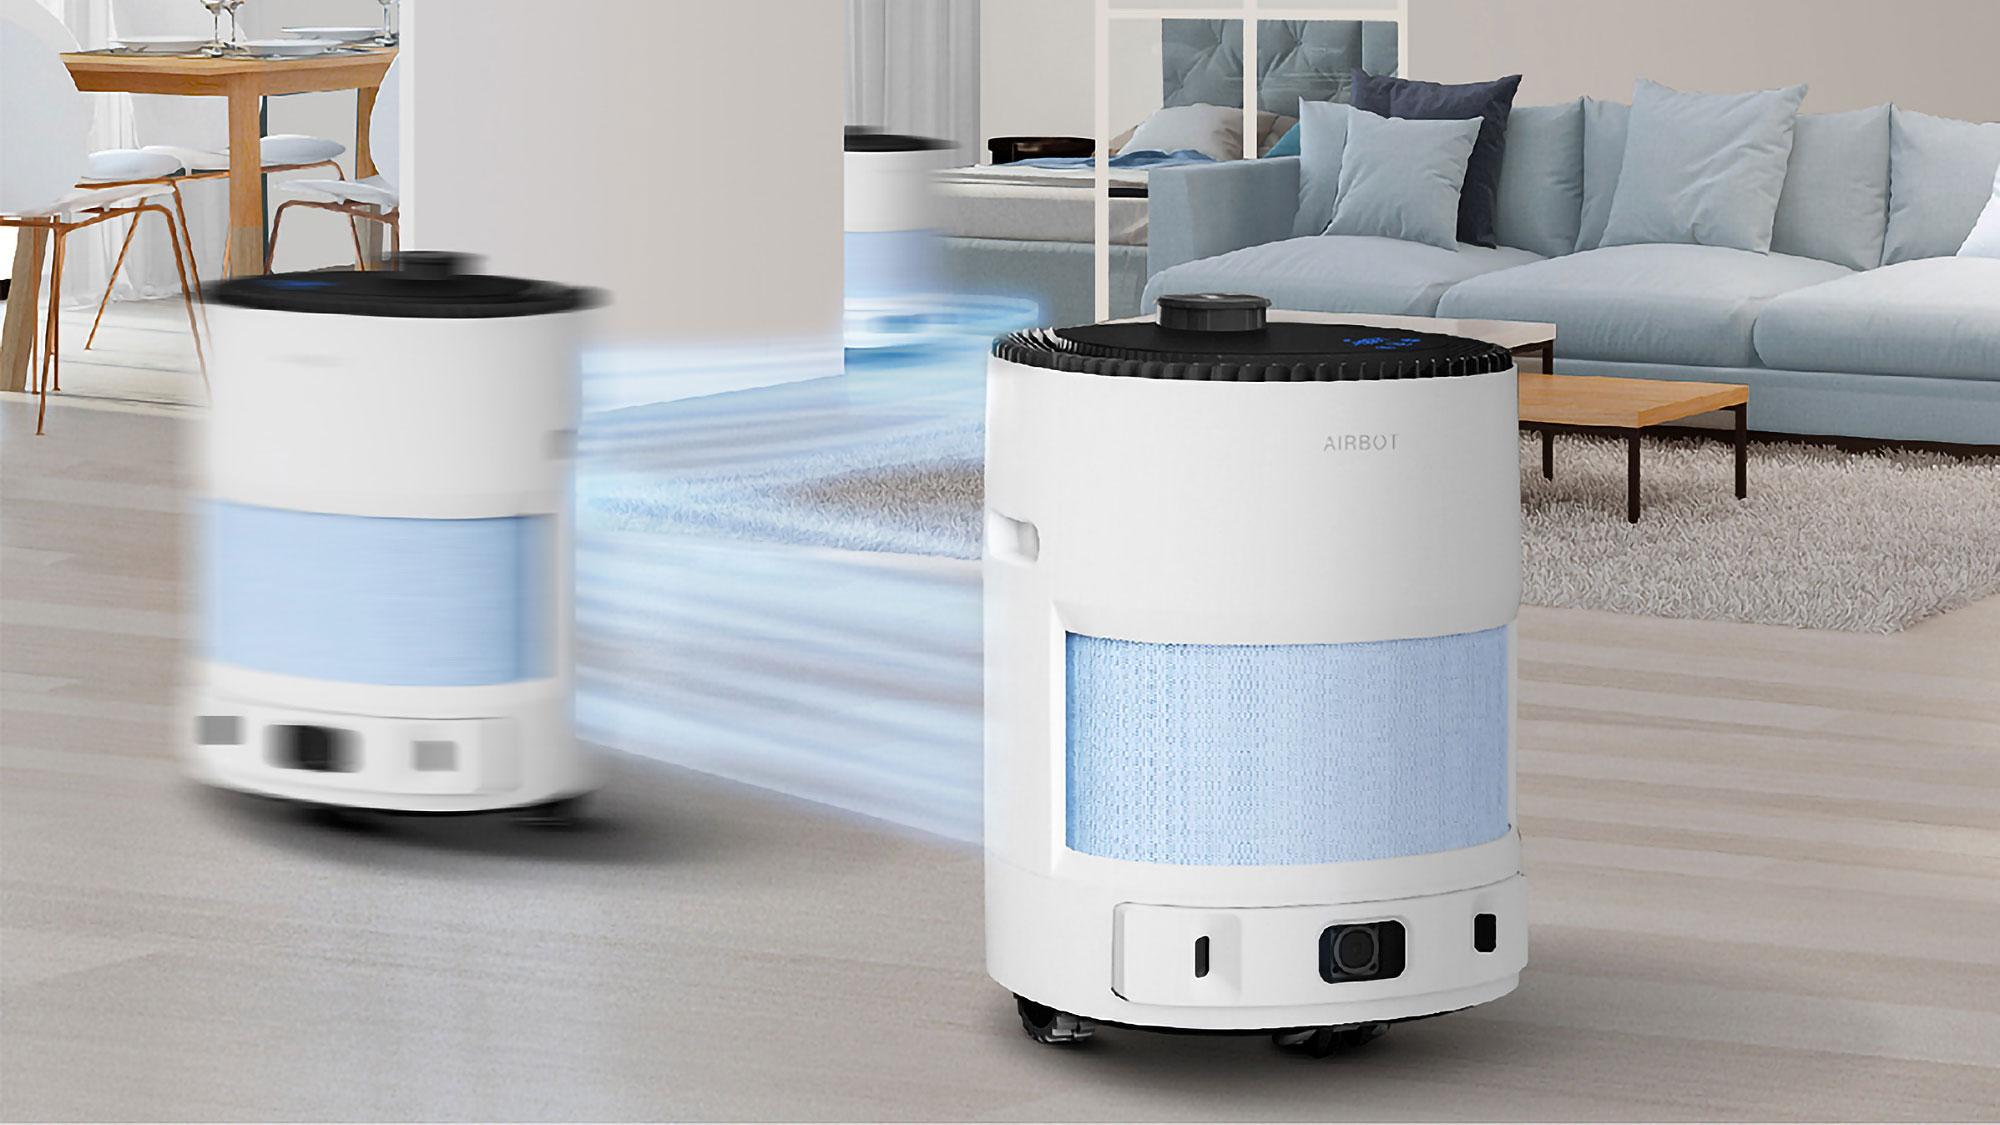 ECOVACS AIRBOT AVA Robot Air Purifier